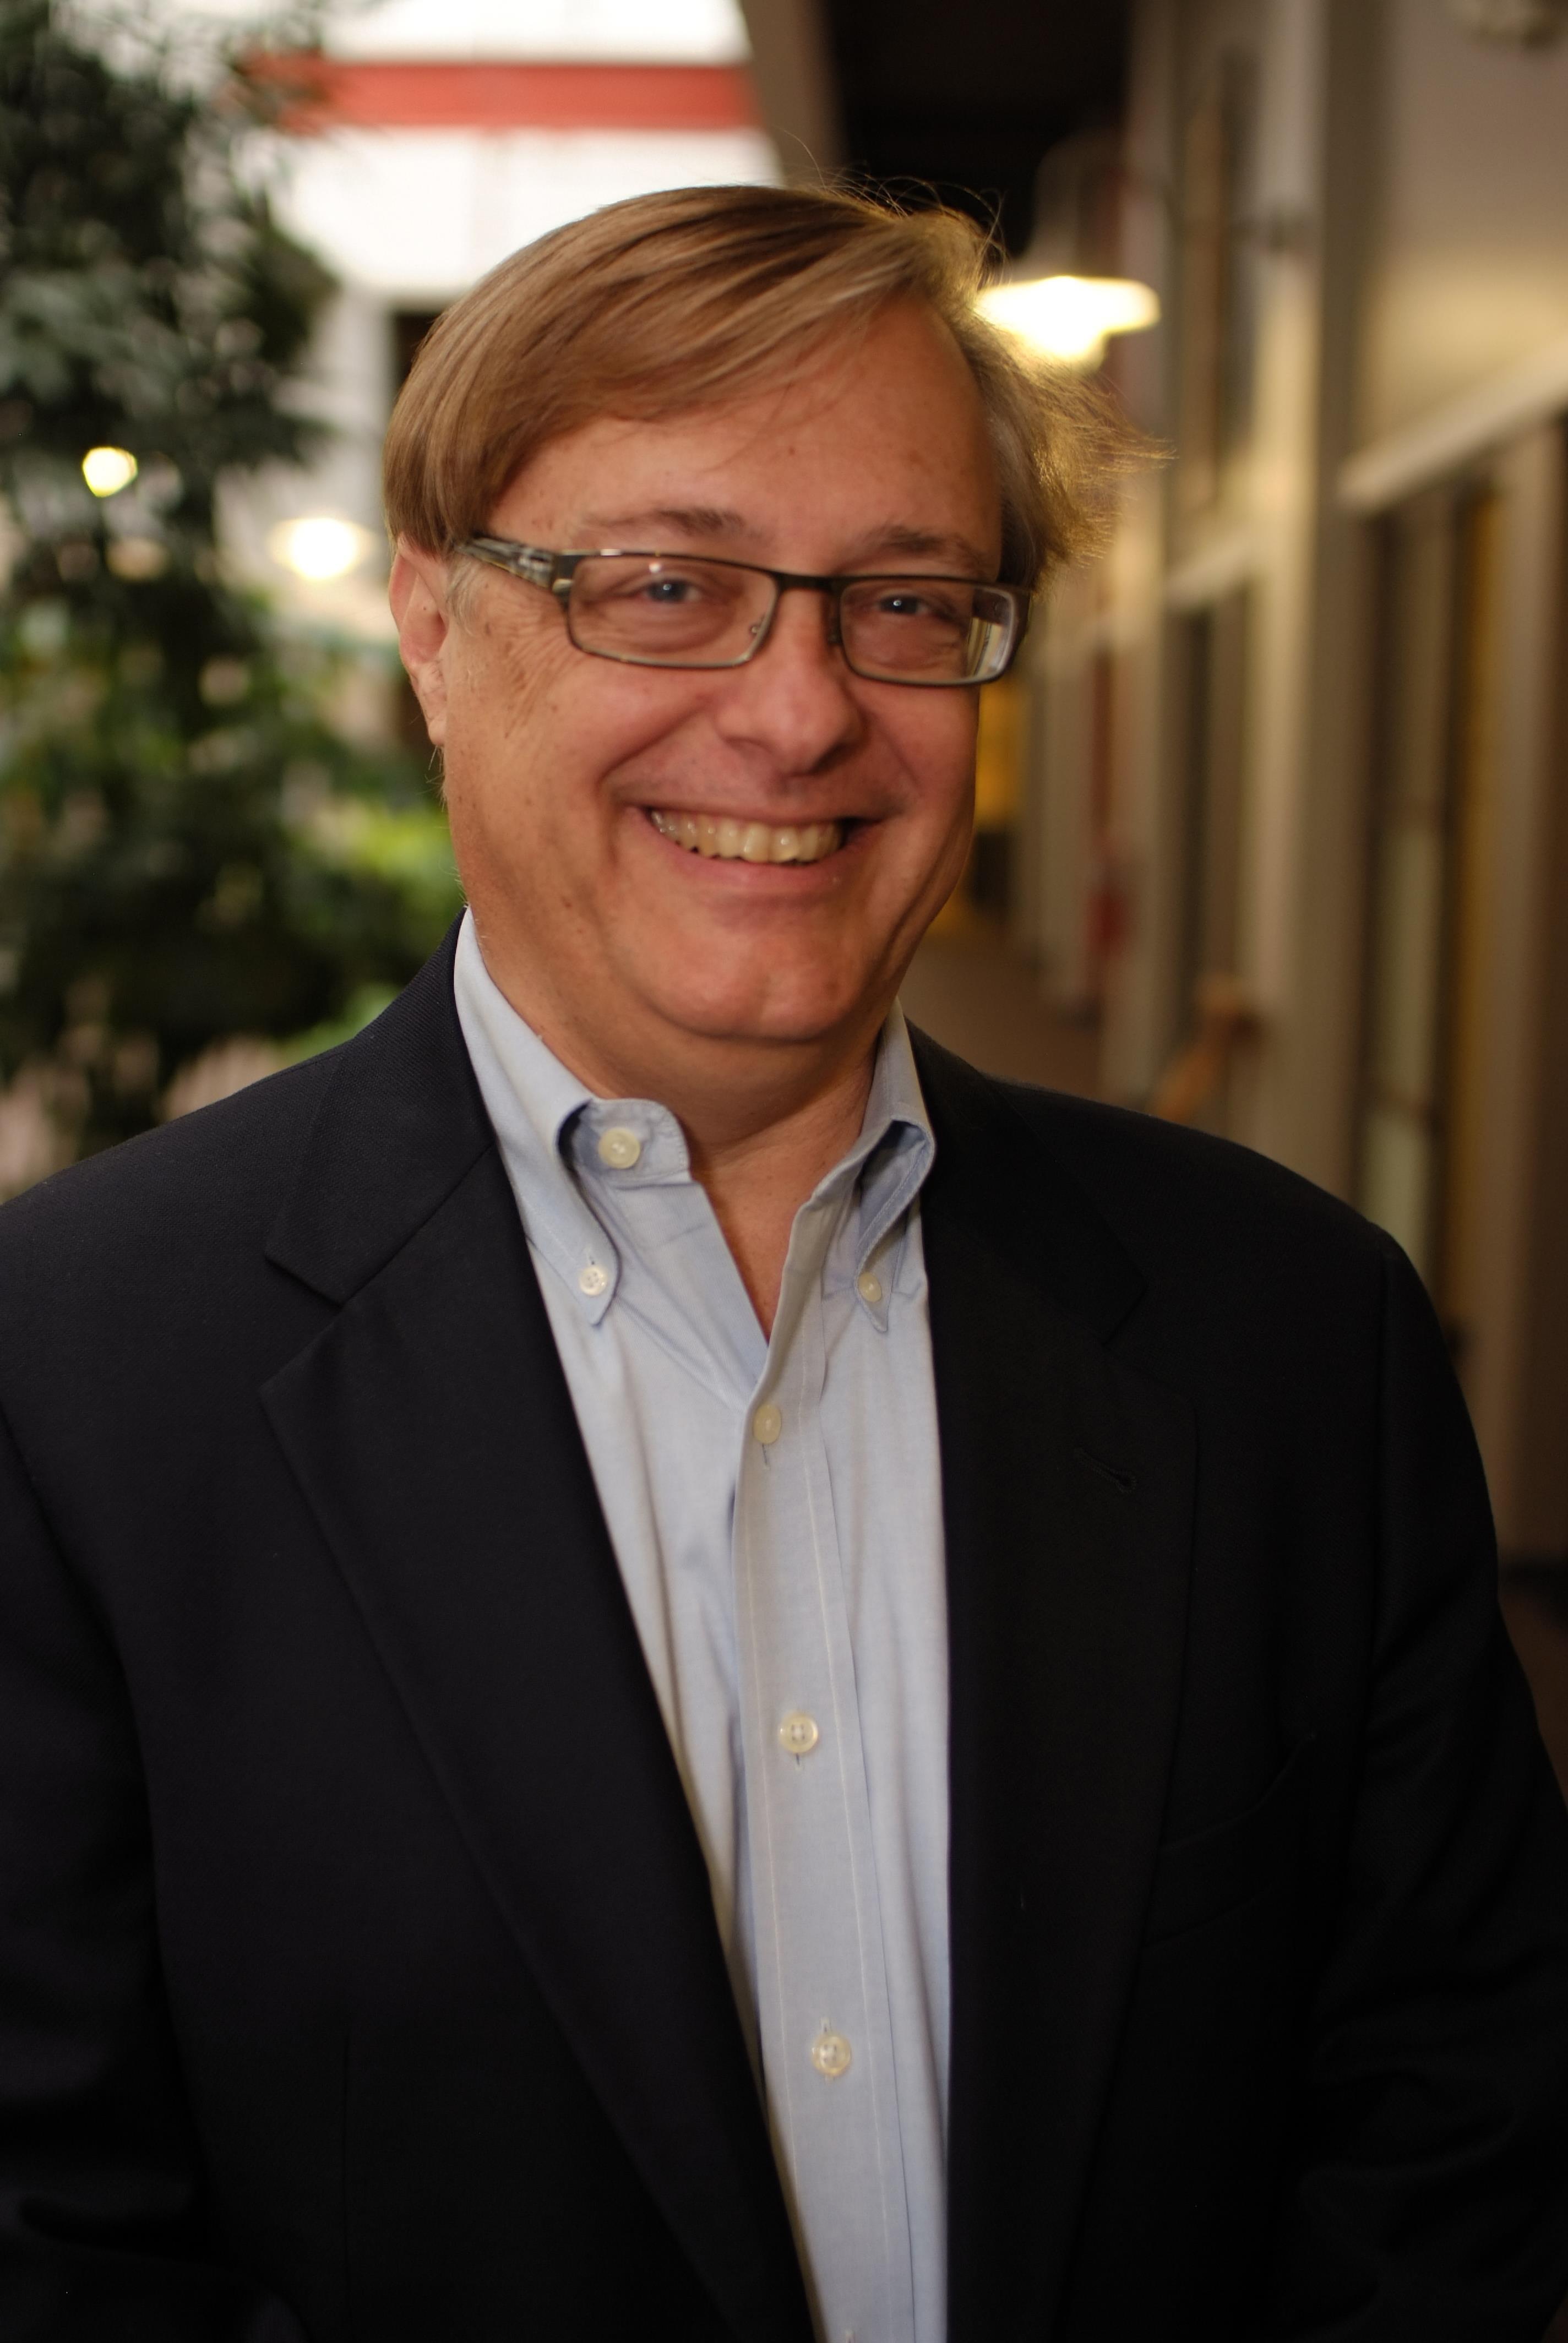 Michael Marino